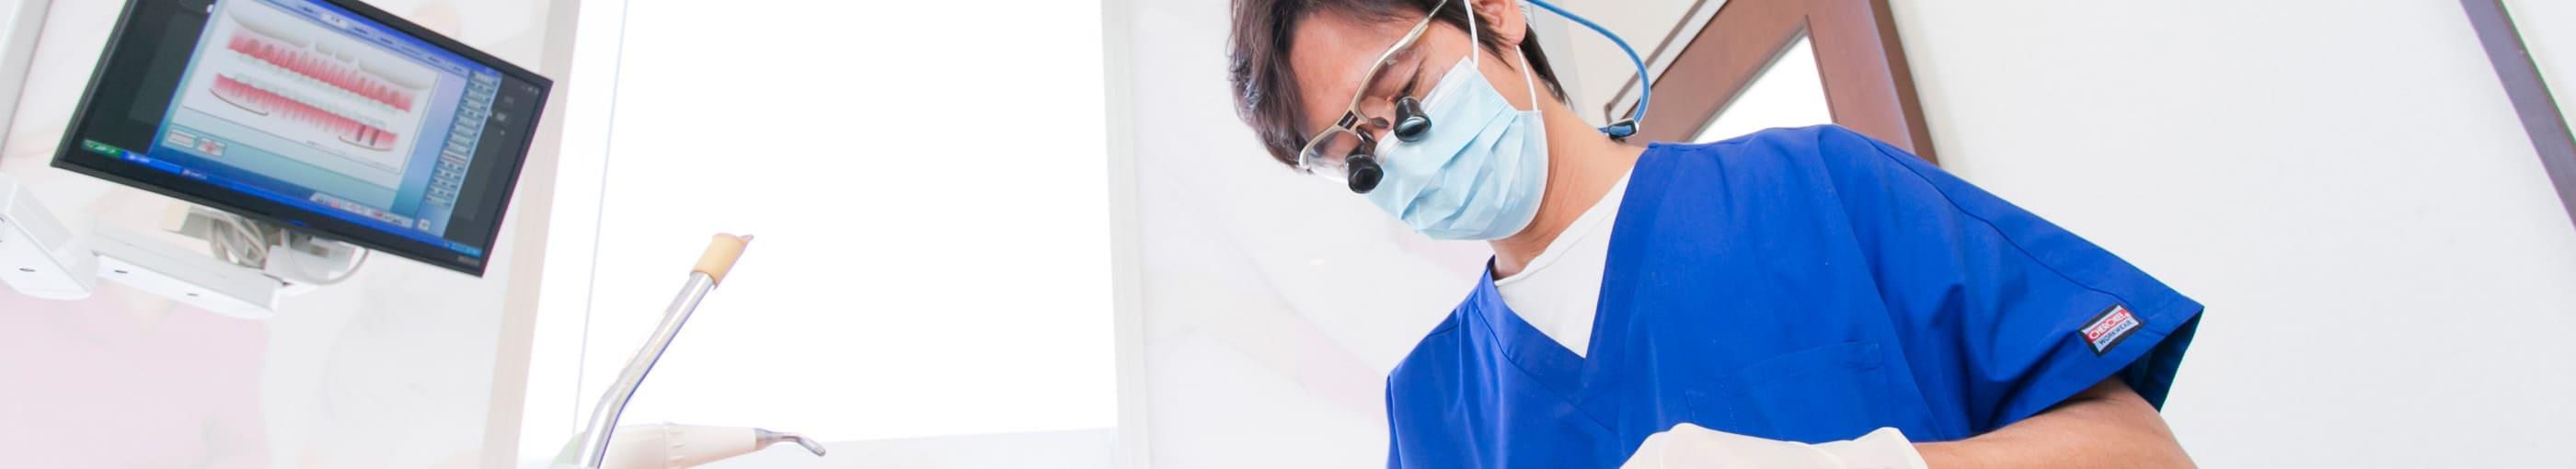 医療法人天白会 キャナルコート歯科クリニック ドクター・衛生士・技工師